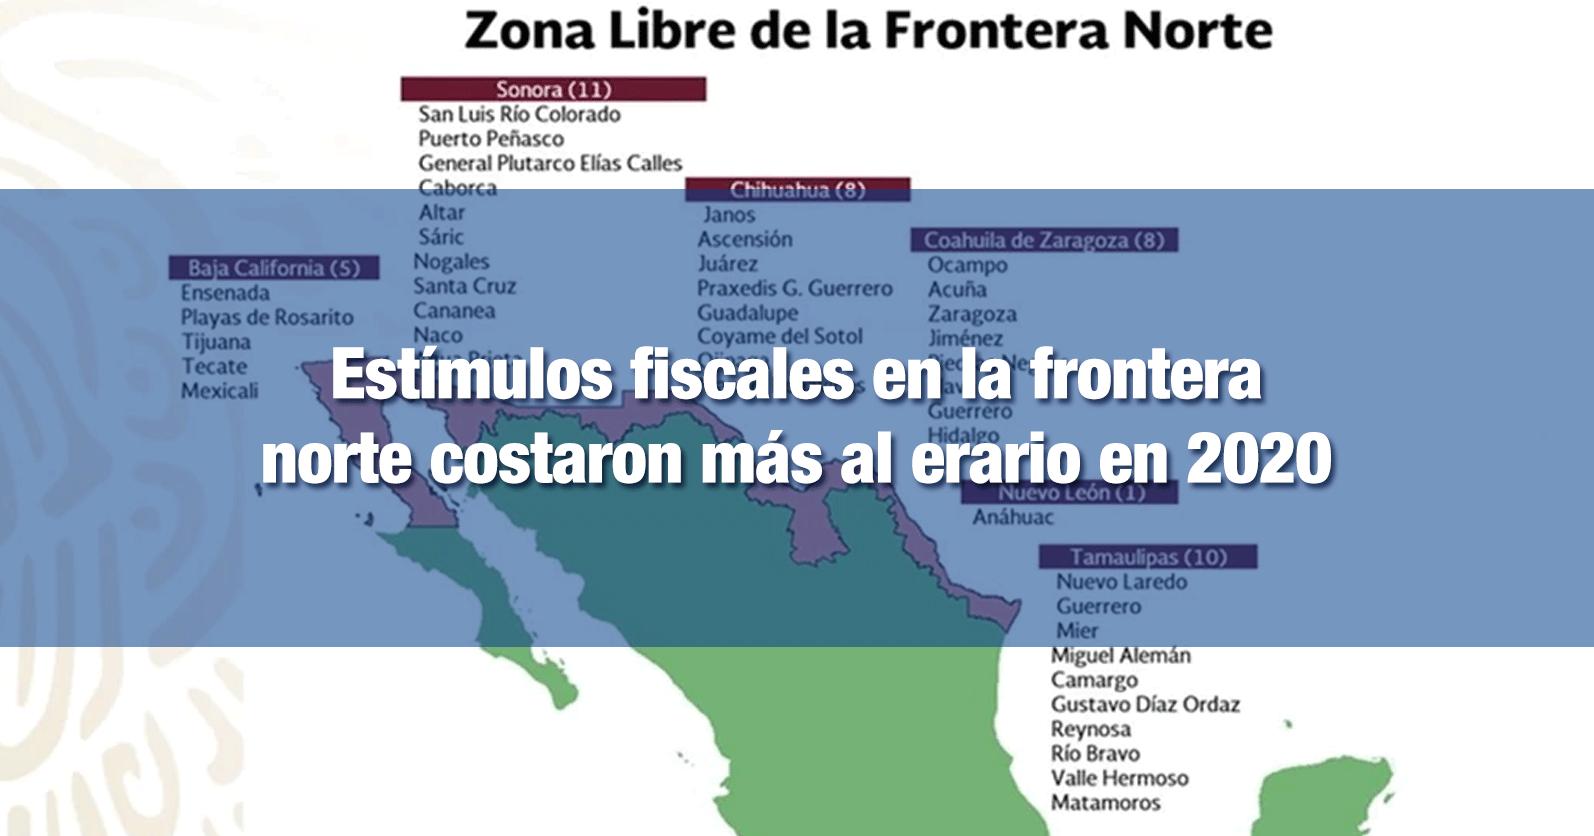 Estímulos fiscales en la frontera norte costaron más al erario en 2020